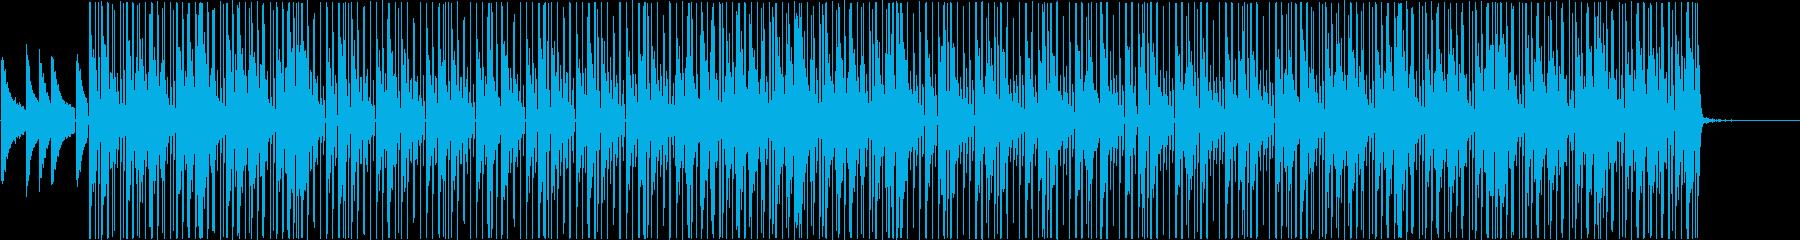 エモい緩い落ち着く穏やかHIPHOPの再生済みの波形